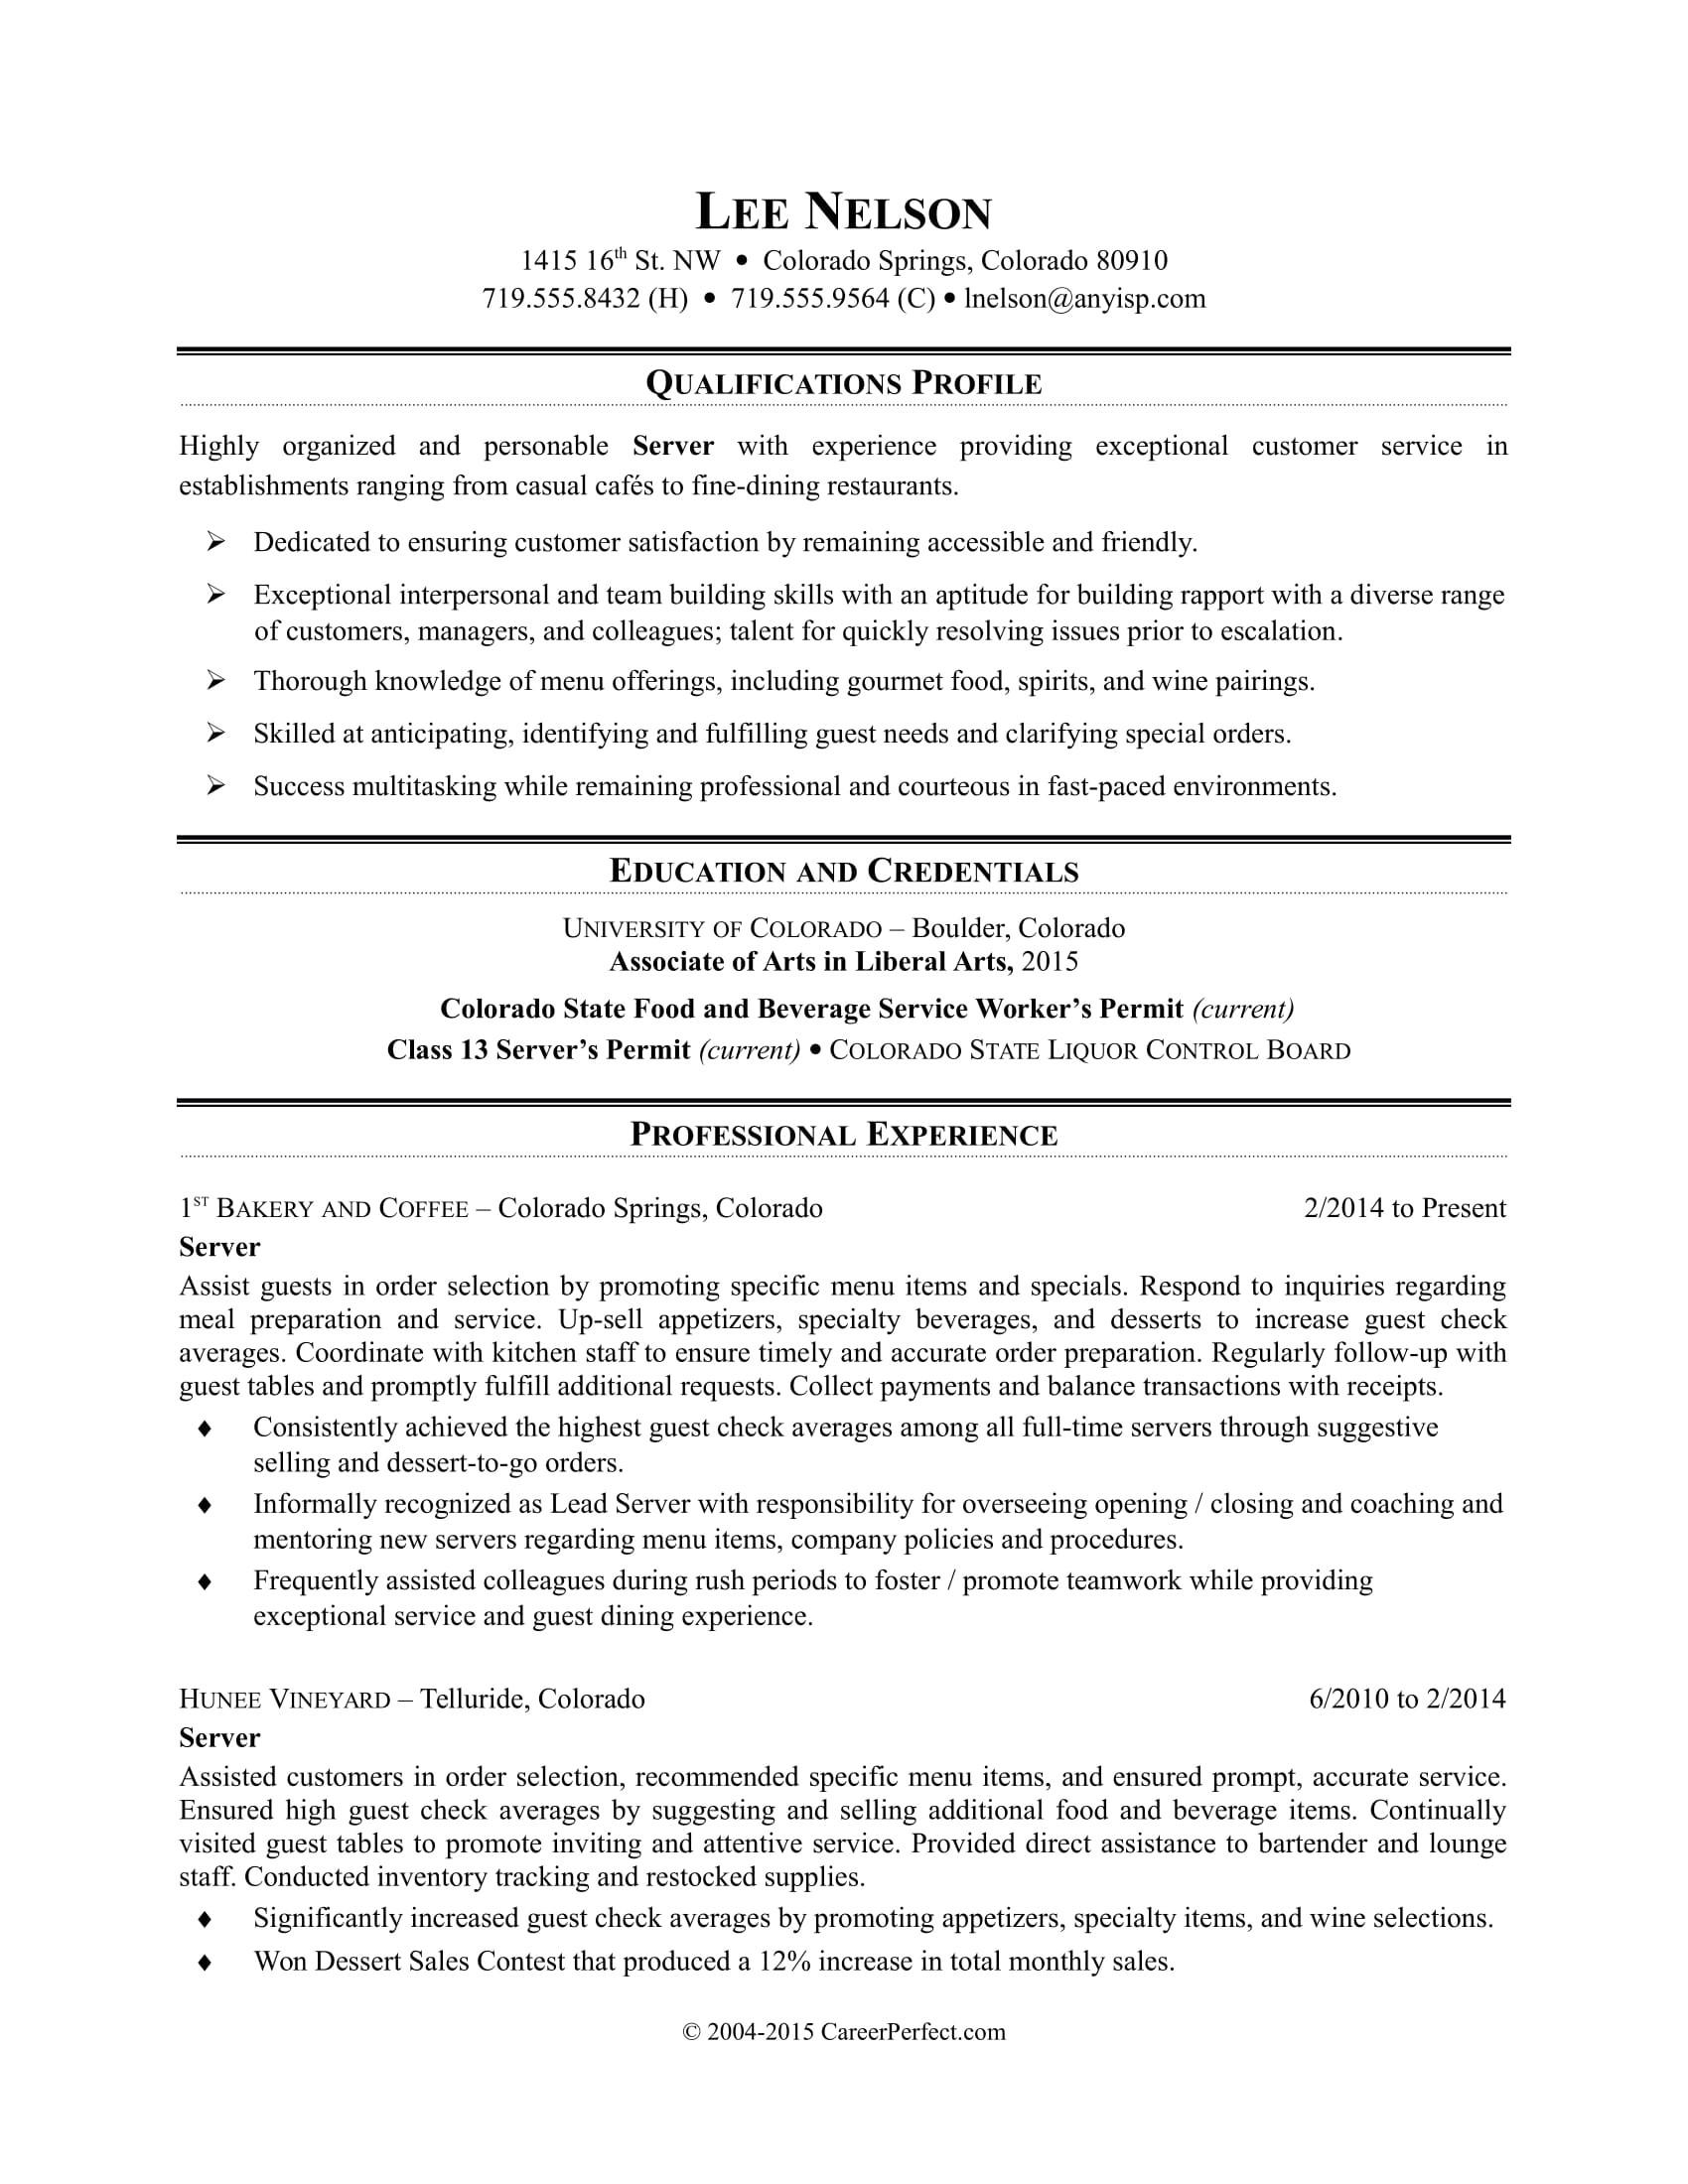 Resume Template for Server Position Restaurant Server Resume Sample Monster Com